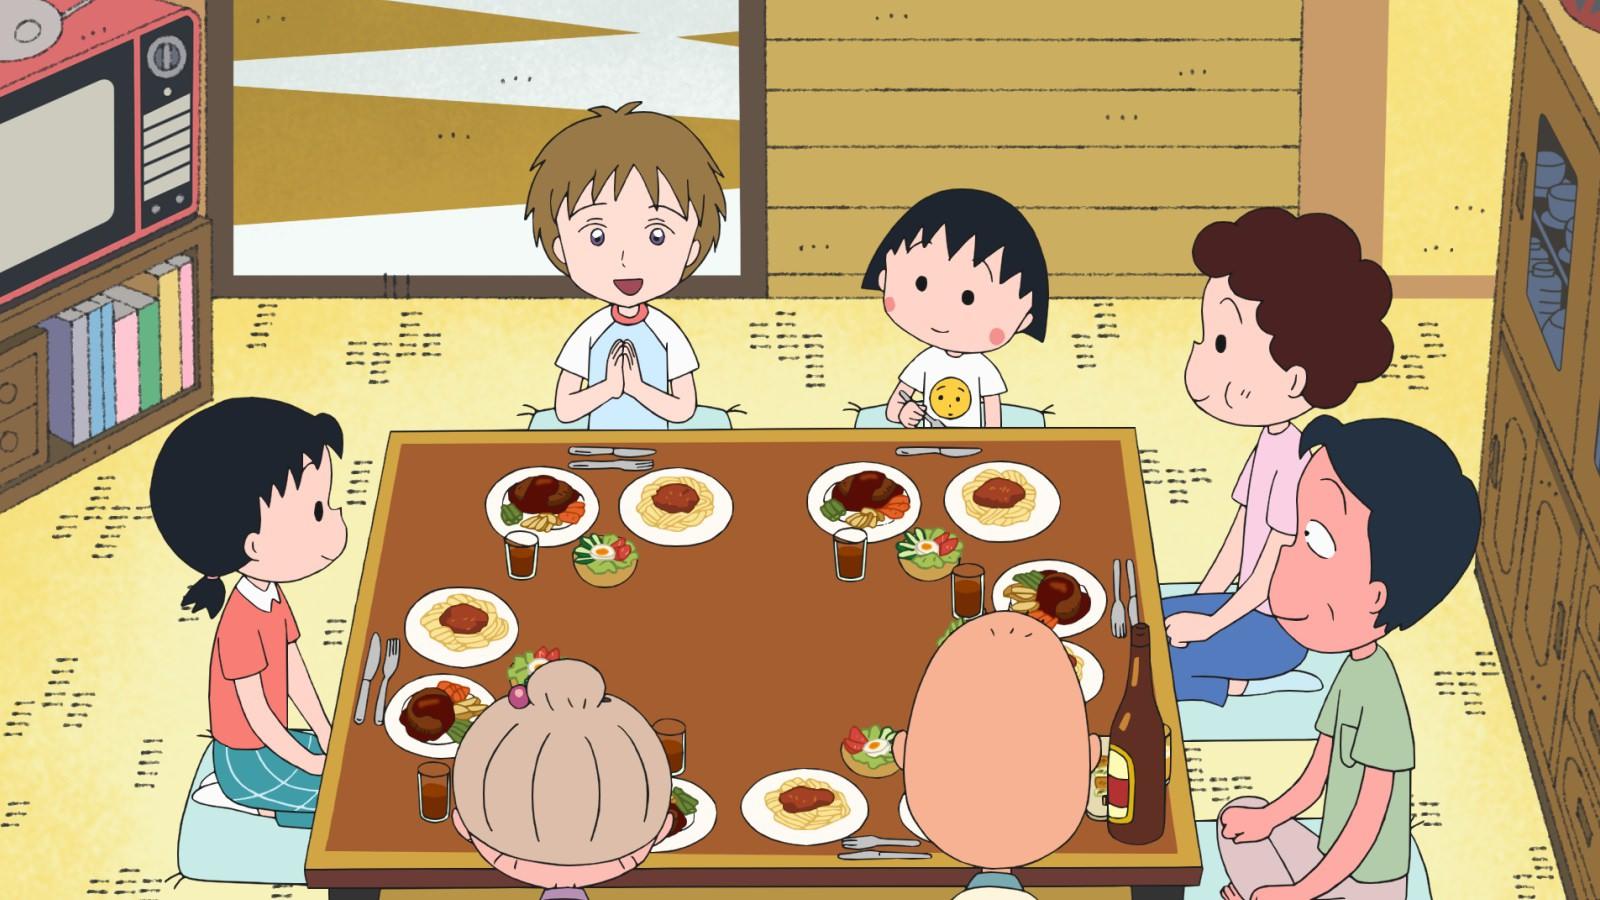 【影評】電影版櫻桃小丸子:來自義大利的少年02